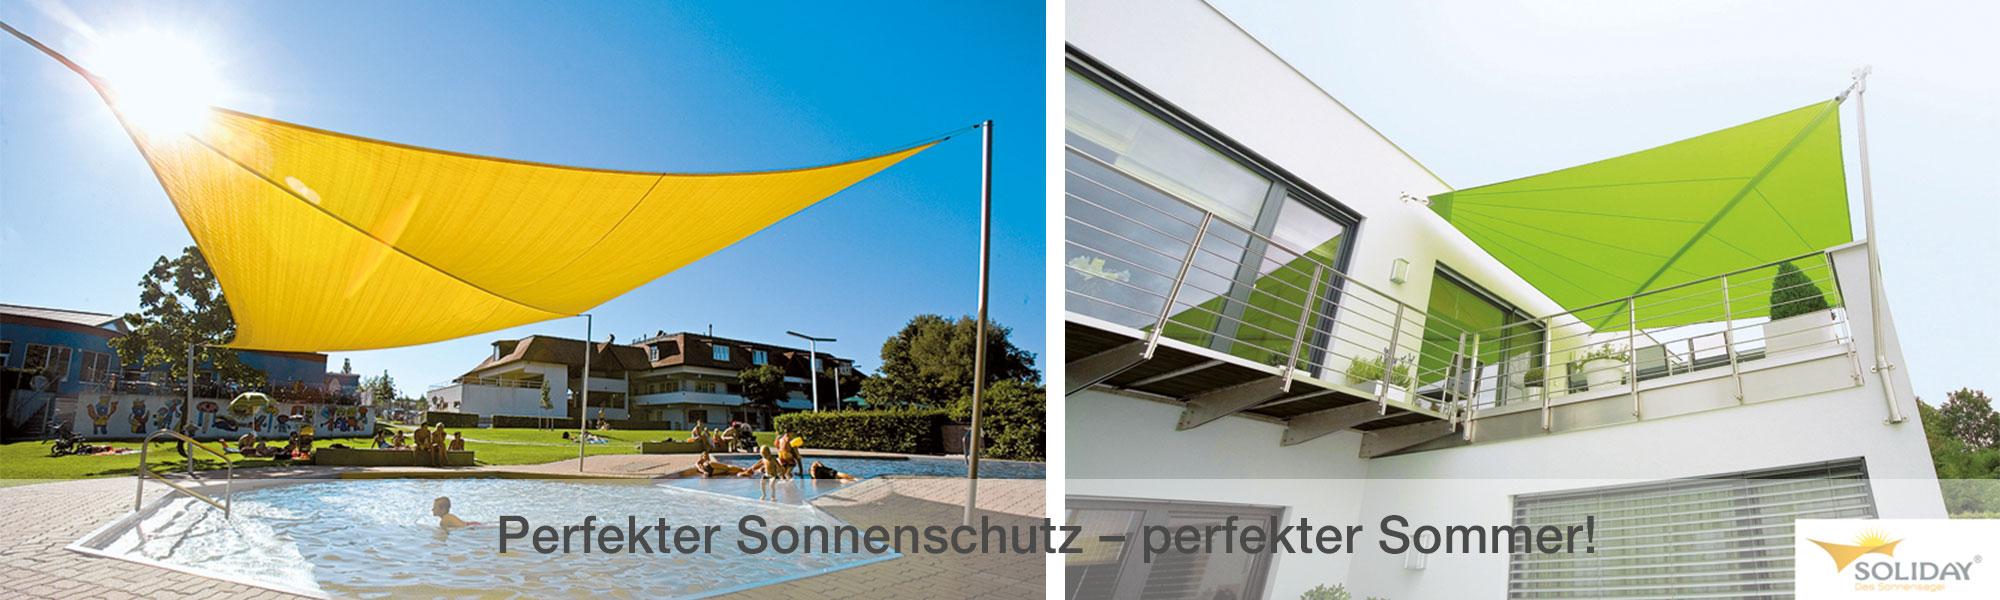 Mit Sonnensegel von Soliday gut beschattet den Sommer genießen!